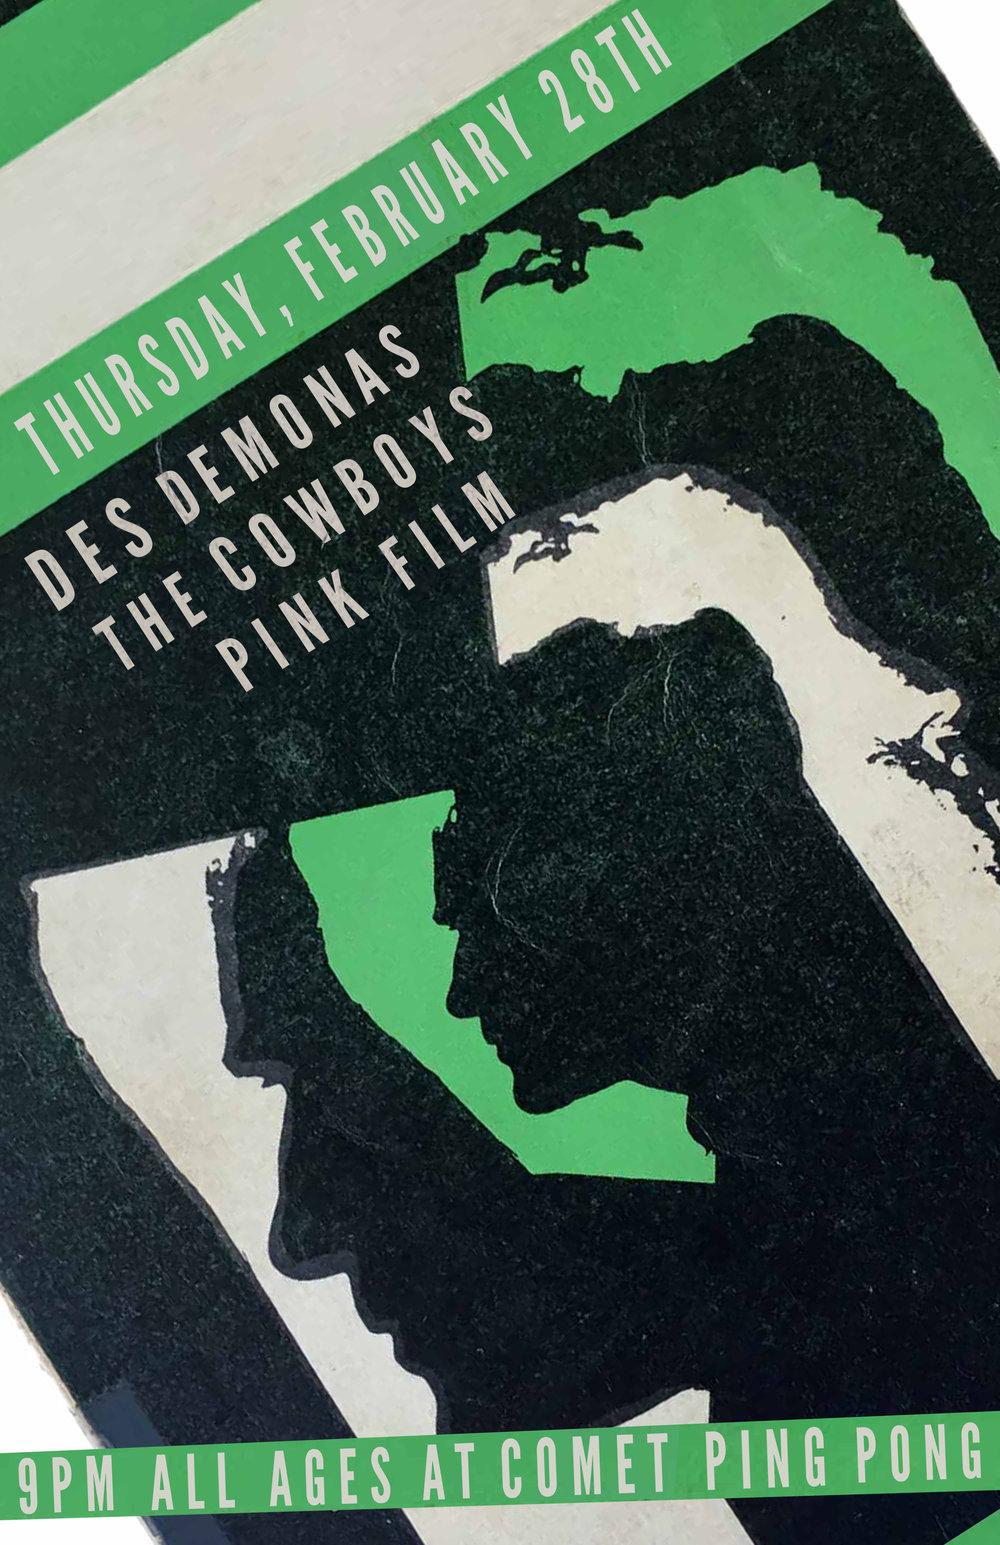 Des Demonas Poster.jpg